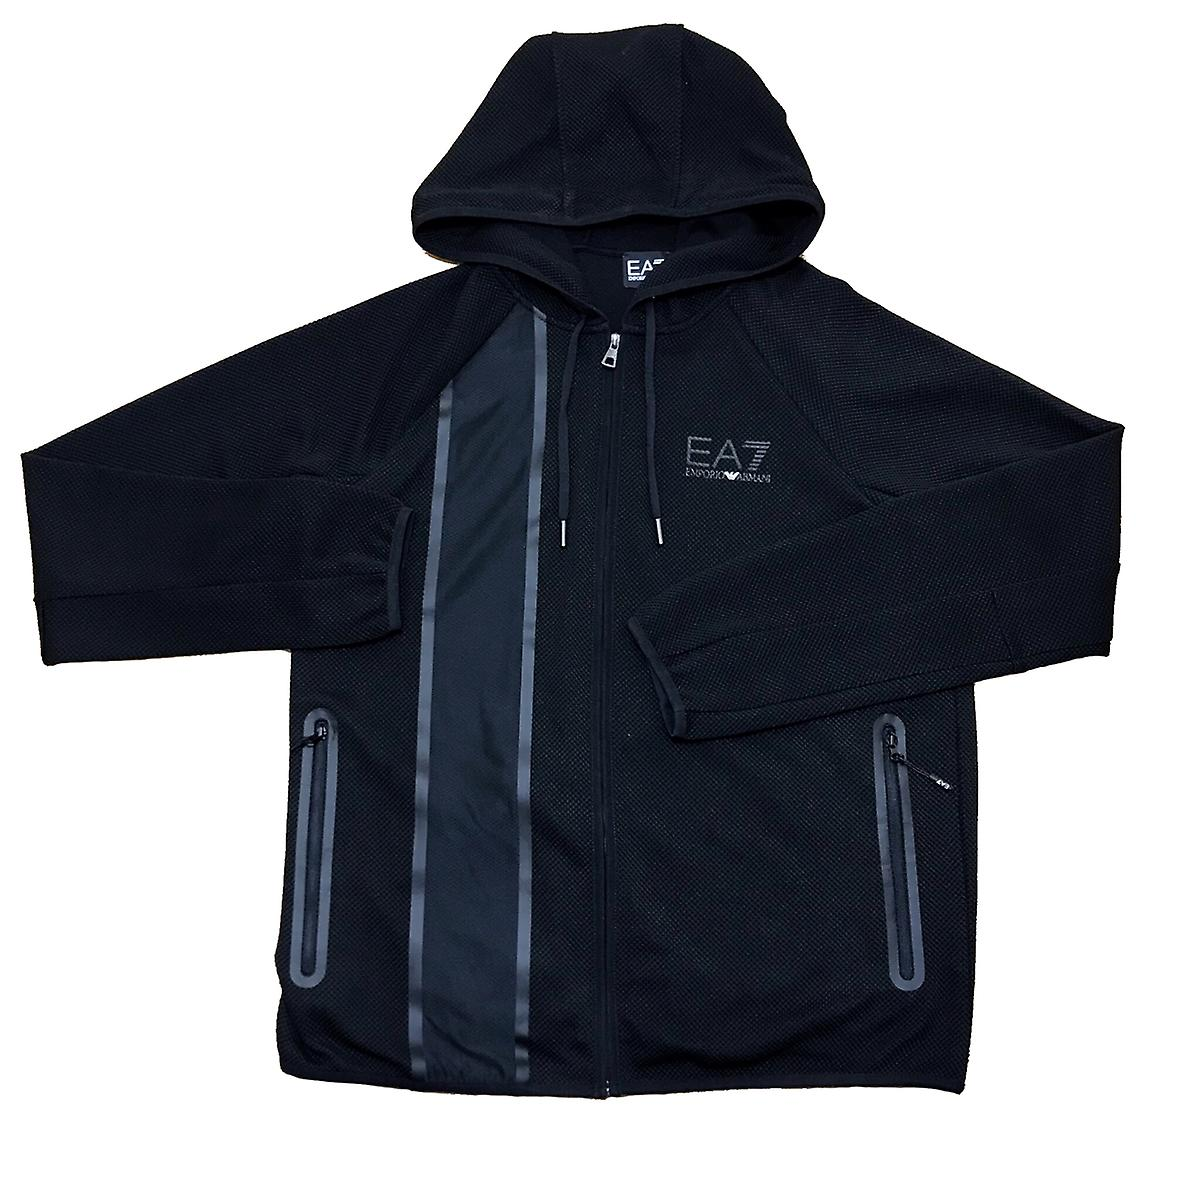 Armani EA7 Mens Jacket